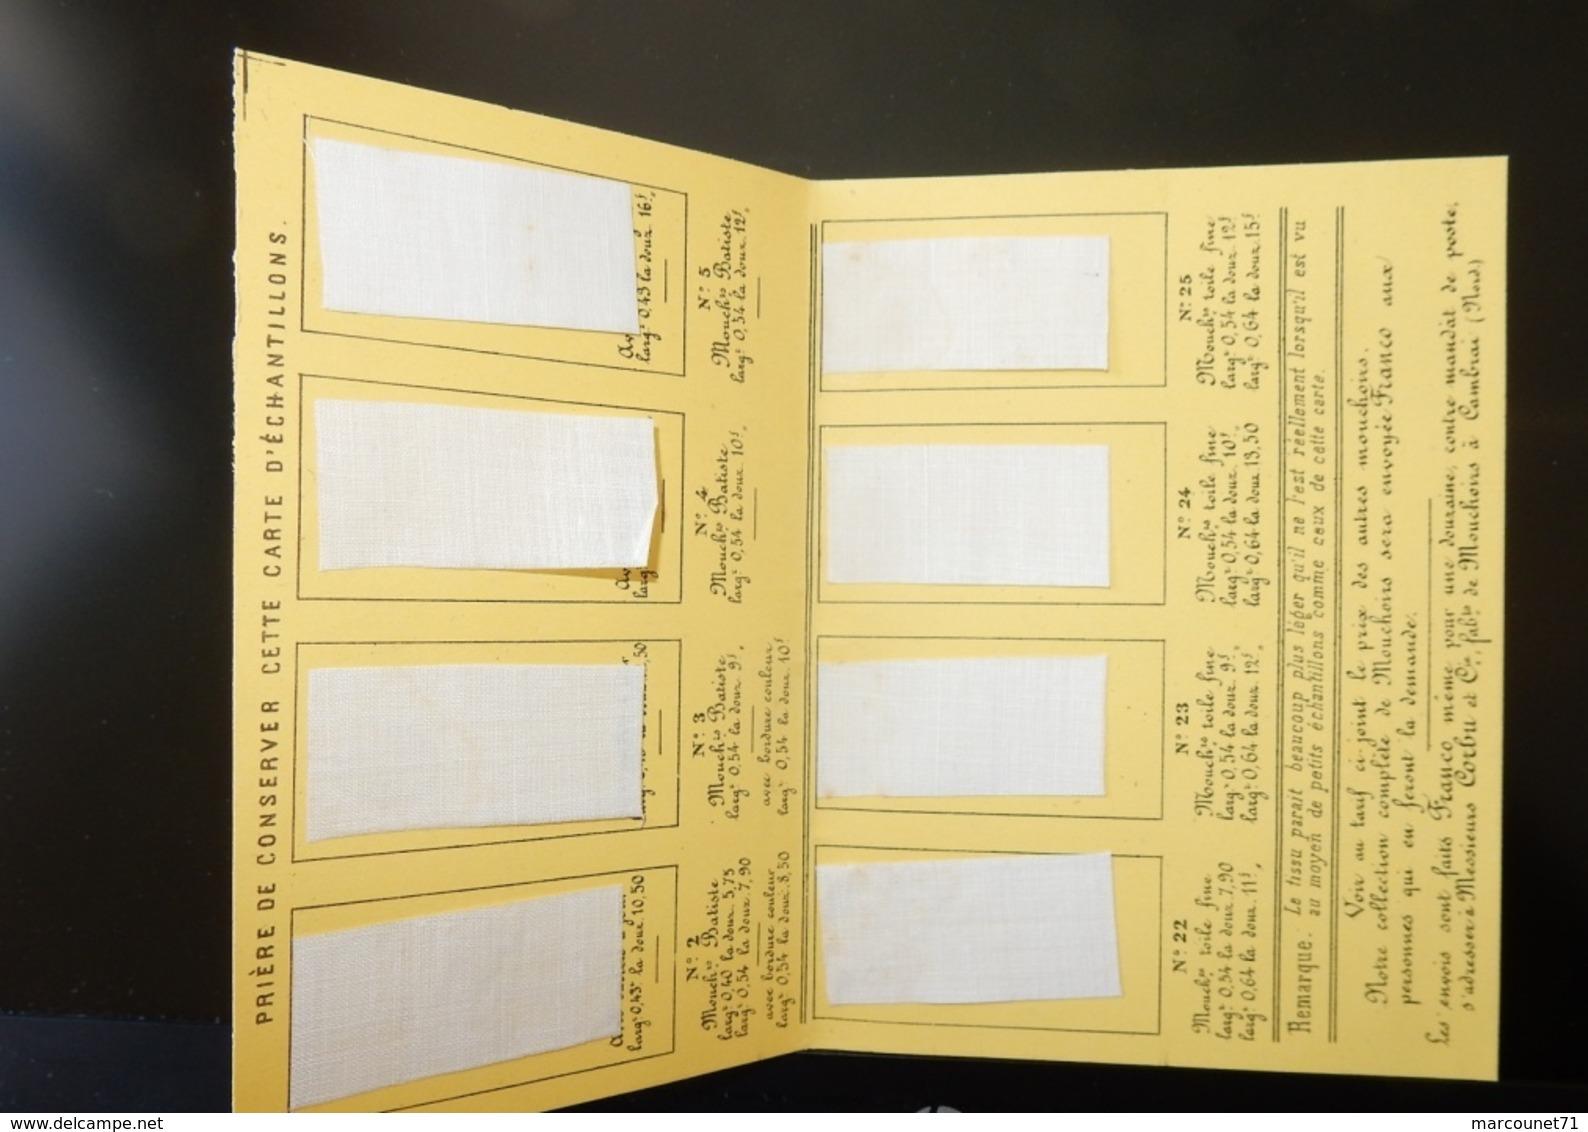 ANCIEN ET RARE DOCUMENT PUBLICITAIRE 1877 FABRIQUE TARIFS DES MOUCHOIRS DE BATISTE CORBU CAMBRAI - Werbung